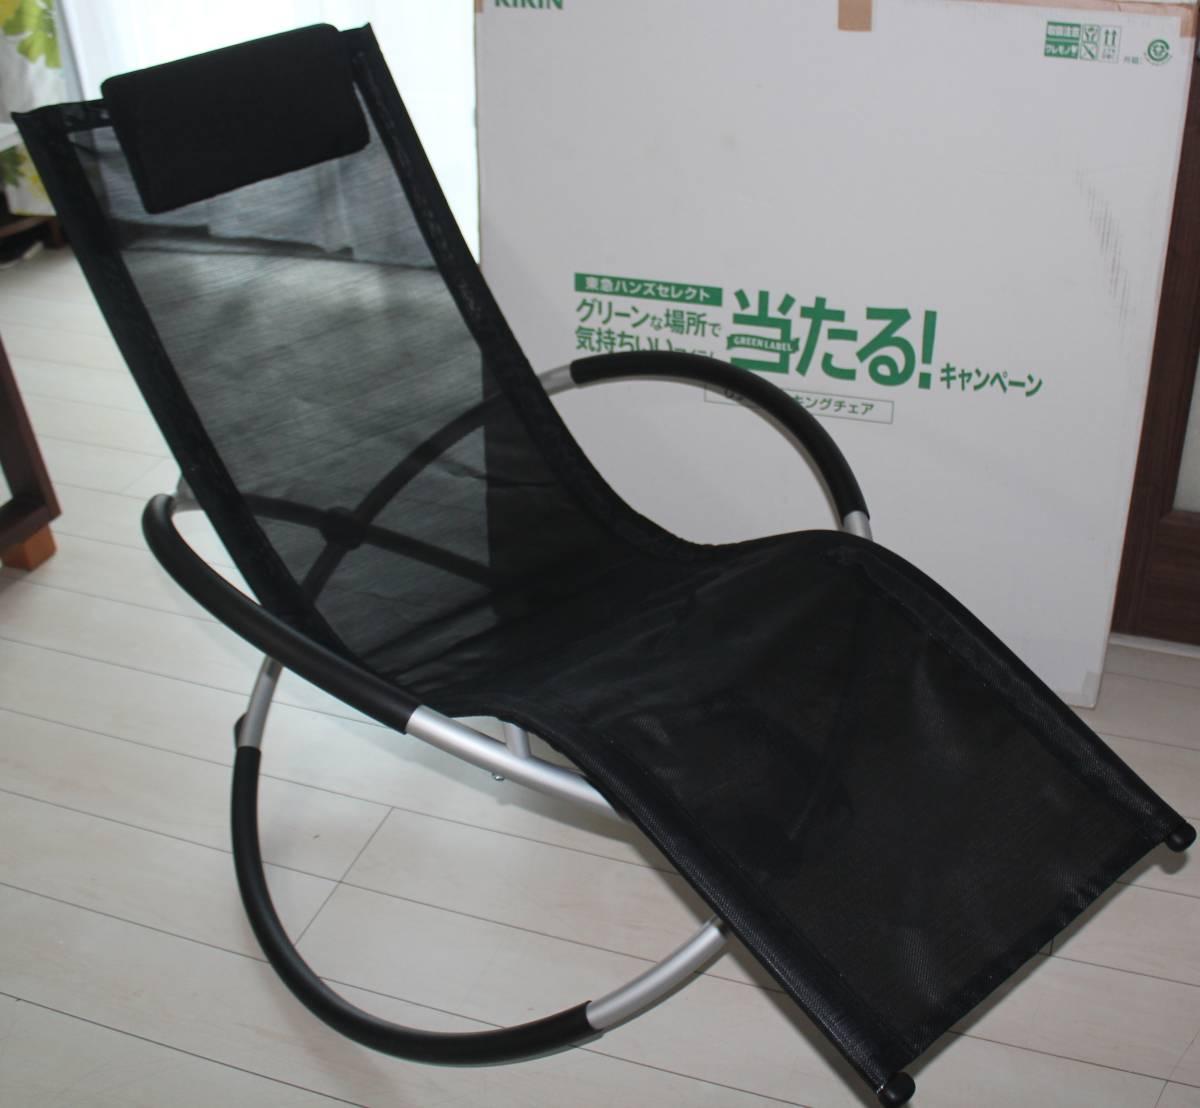 リングロッキングチェア ロッキングチェアー 椅子イス チェア リングフレーム メッシュ地